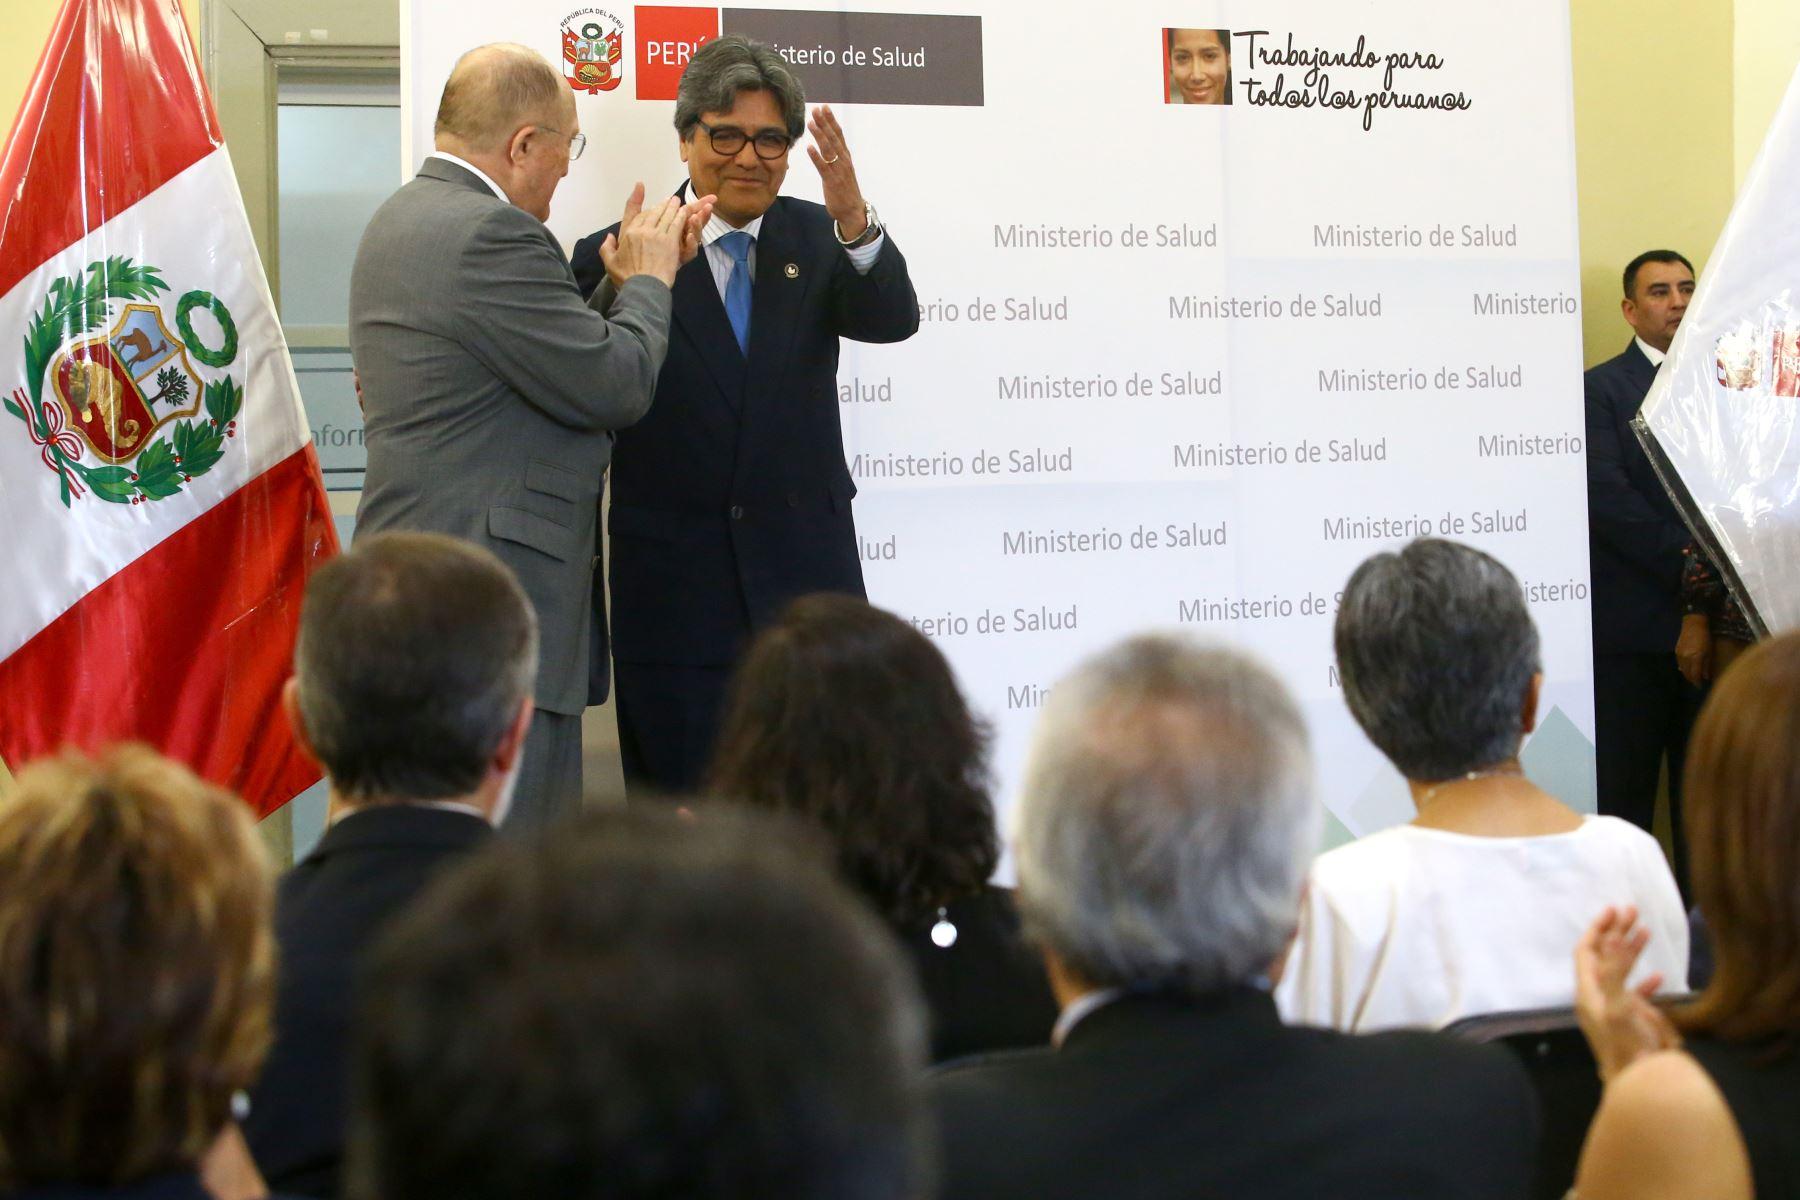 LIMA PERÚ - ENERO 11. Ceremonia de presentación oficial del ministro de Salud, Abel Hernán Jorge Salinas Rivas. Foto: ANDINA/Melina Mejía